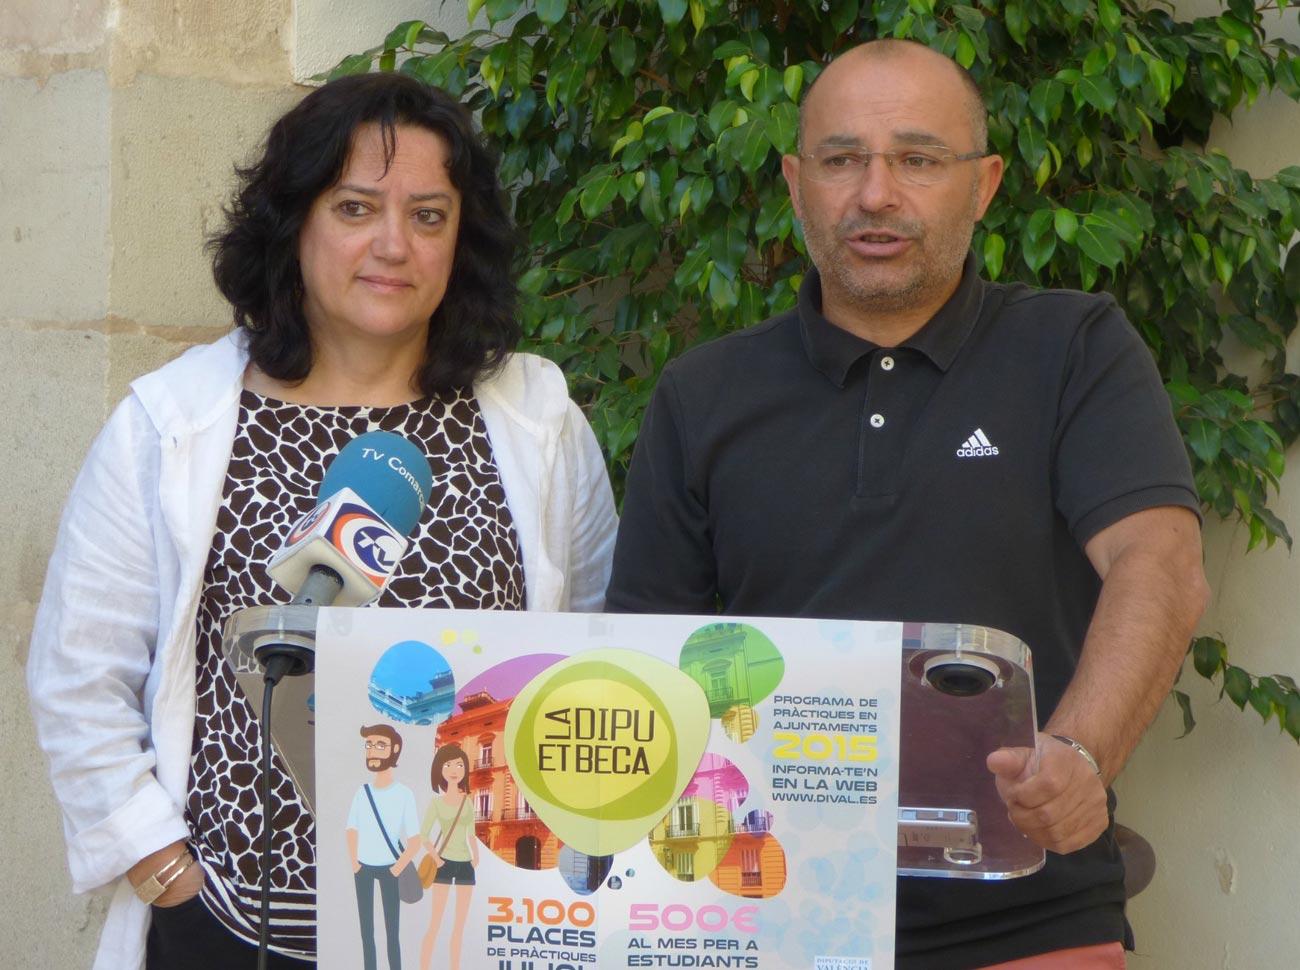 57 estudiants realitzaran pràctiques remunerades en estiu a l'Ajuntament d'Ontinyent